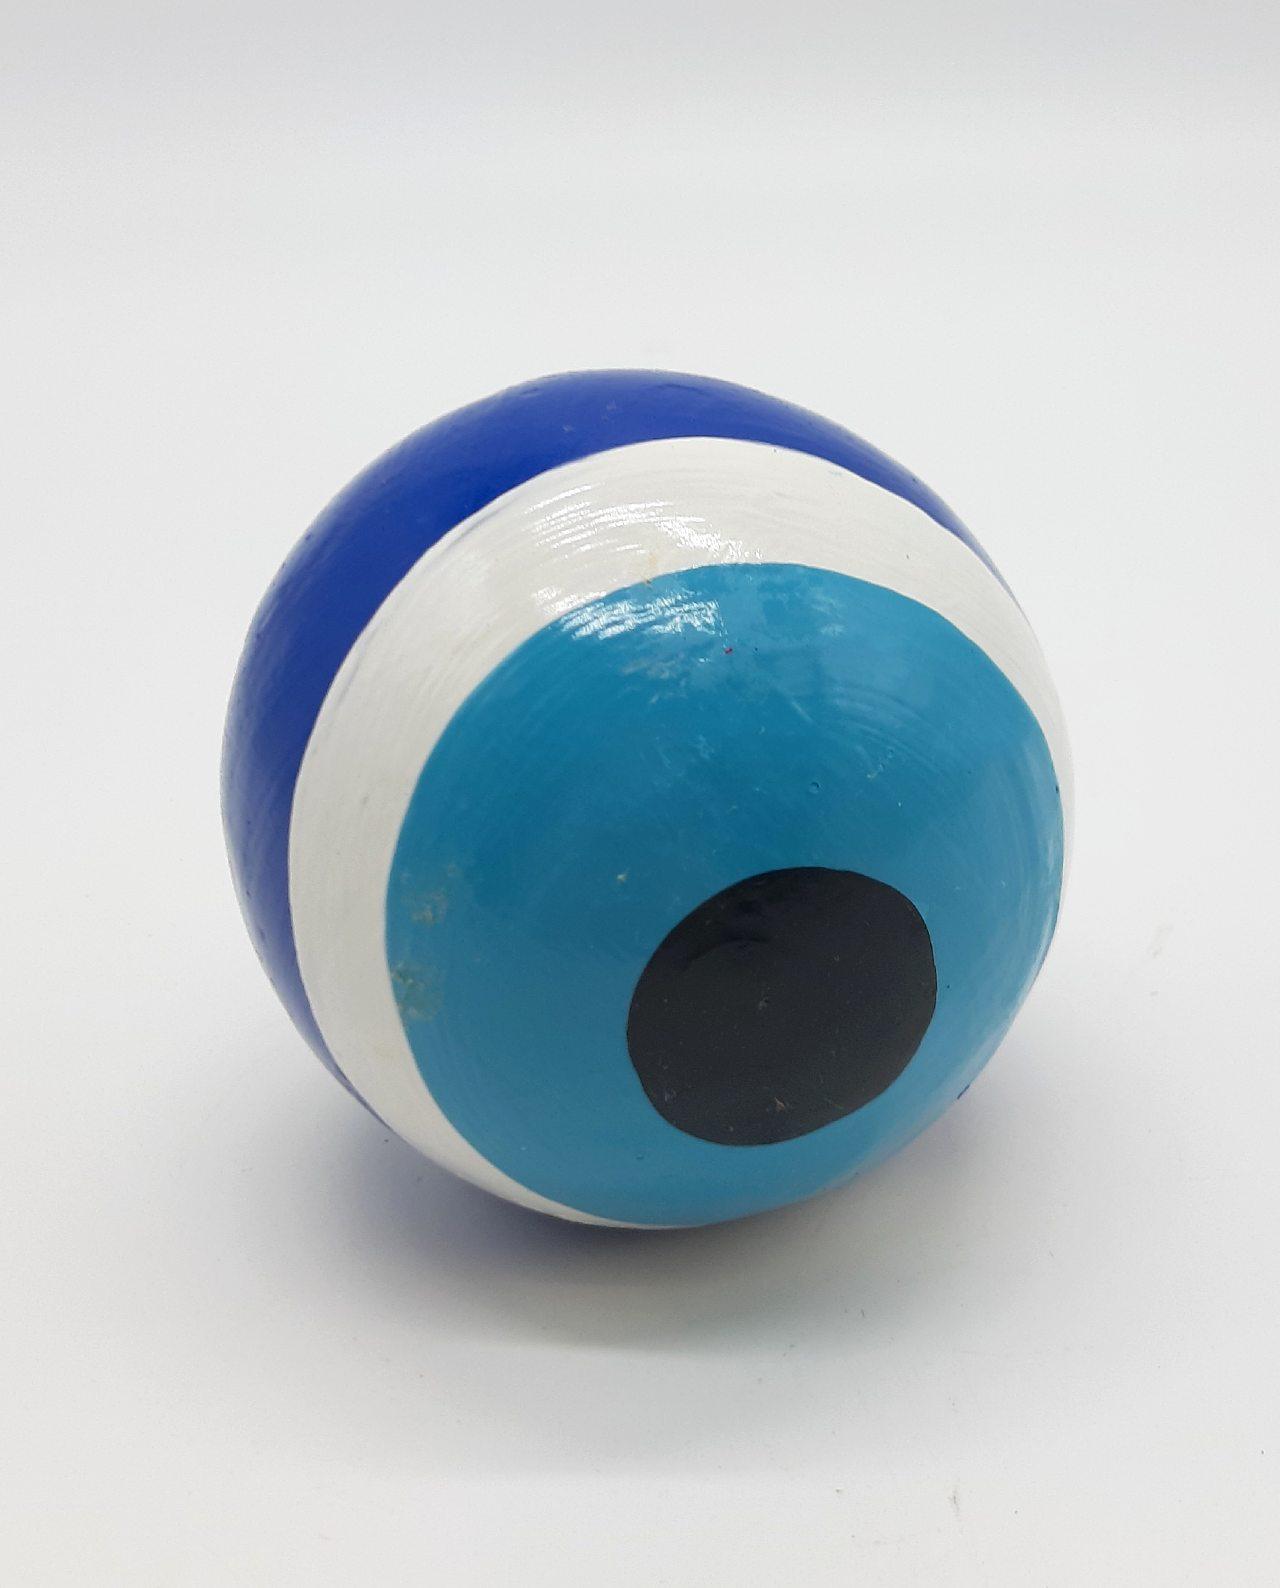 Σφαίρα Ματάκι Ξύλινη Χειροποίητη Διαμέτρου 8 cm χρώμα μπλε